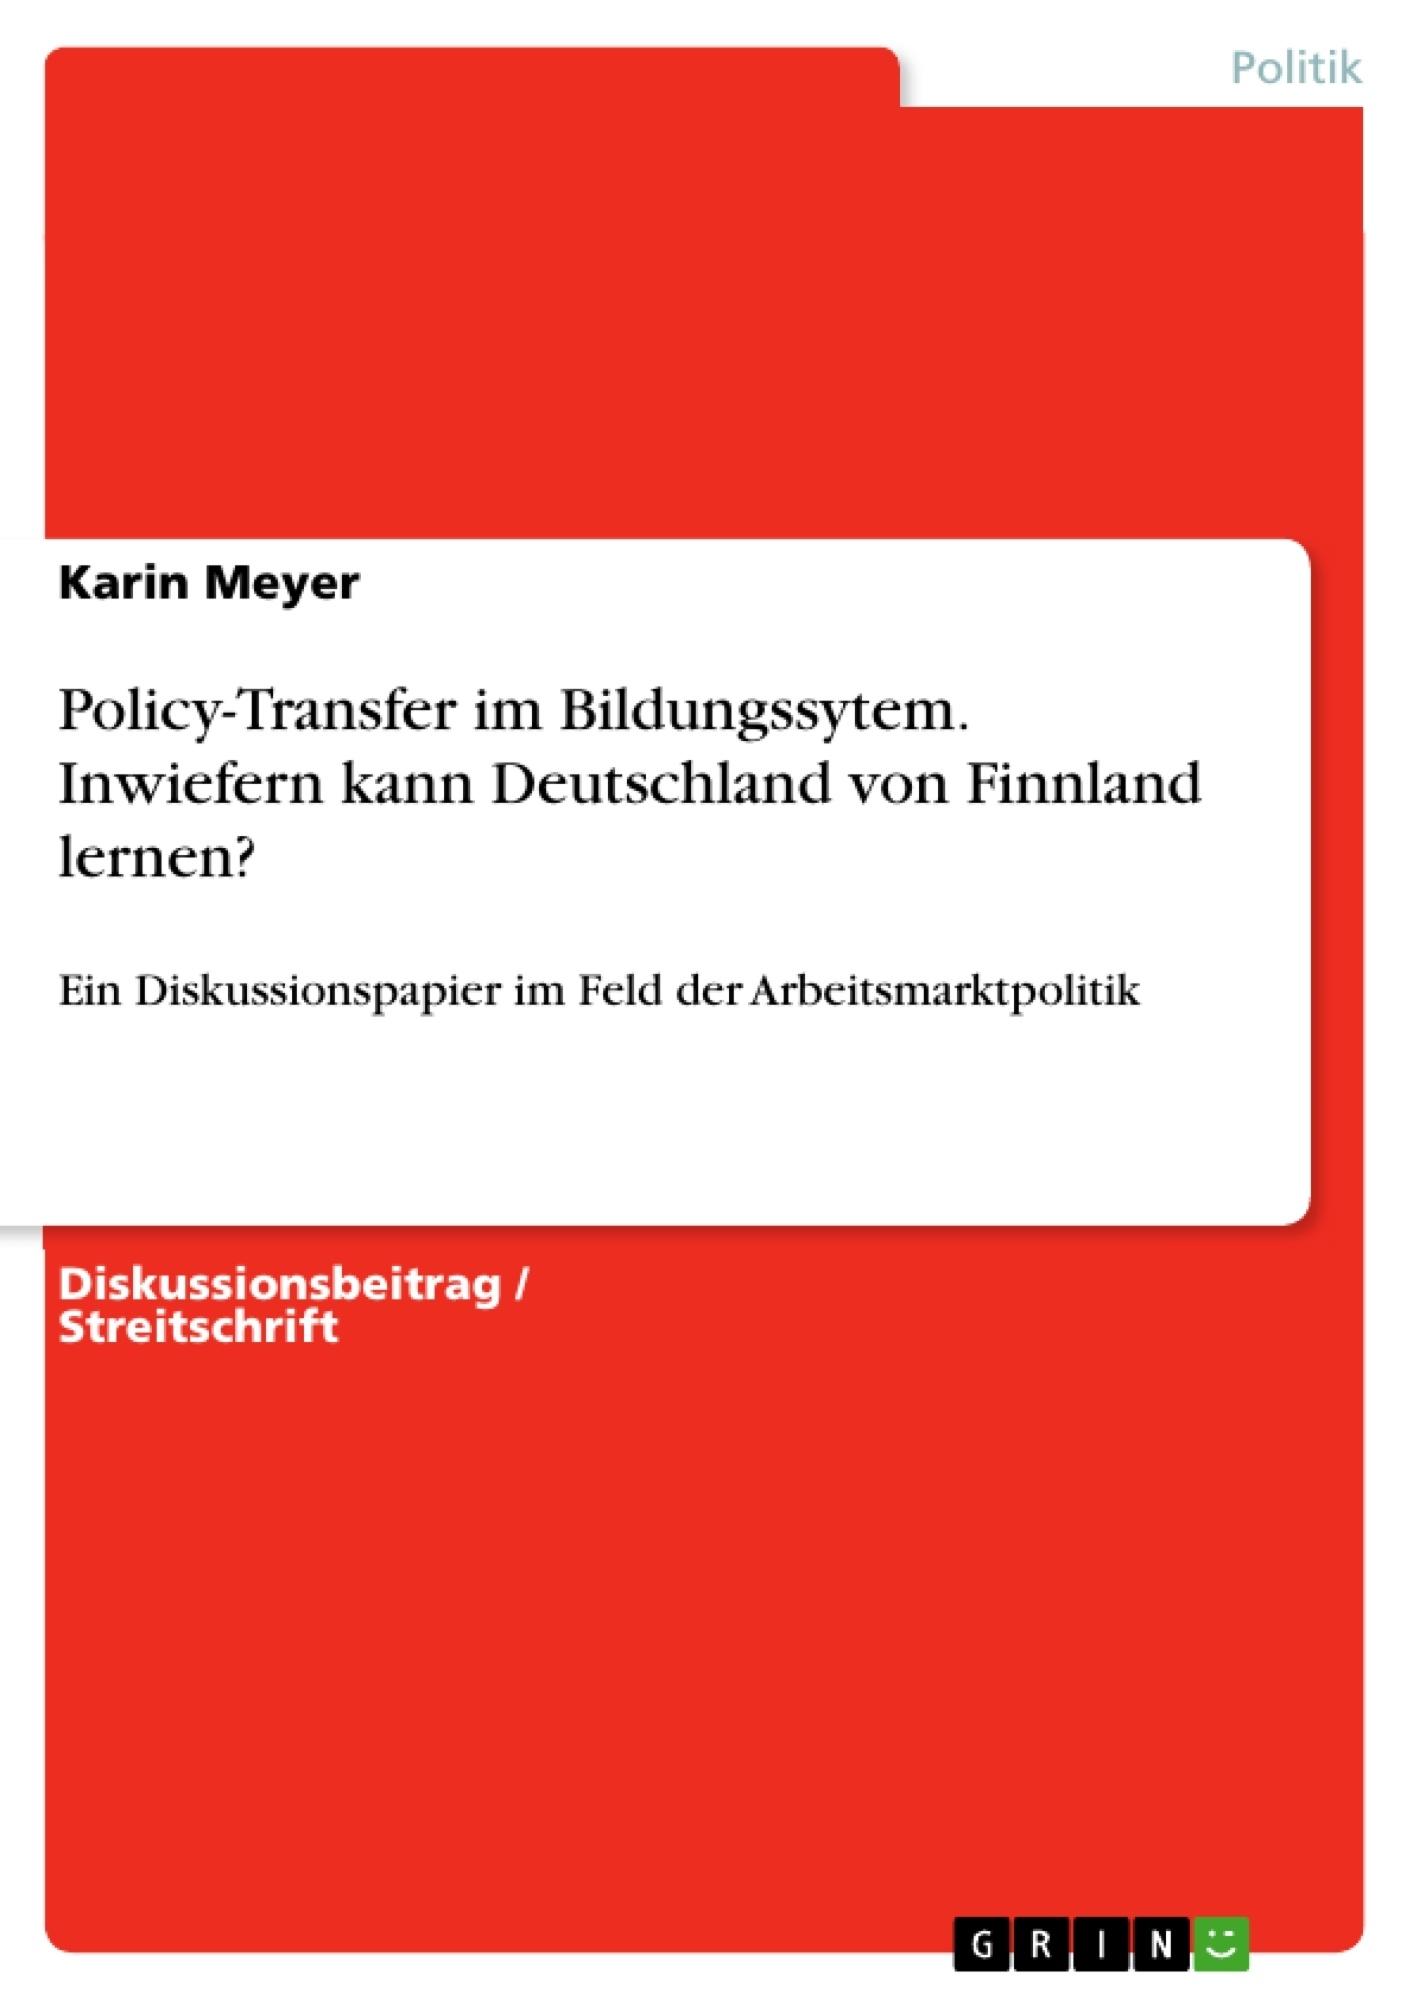 Titel: Policy-Transfer im Bildungssytem. Inwiefern kann Deutschland von Finnland lernen?